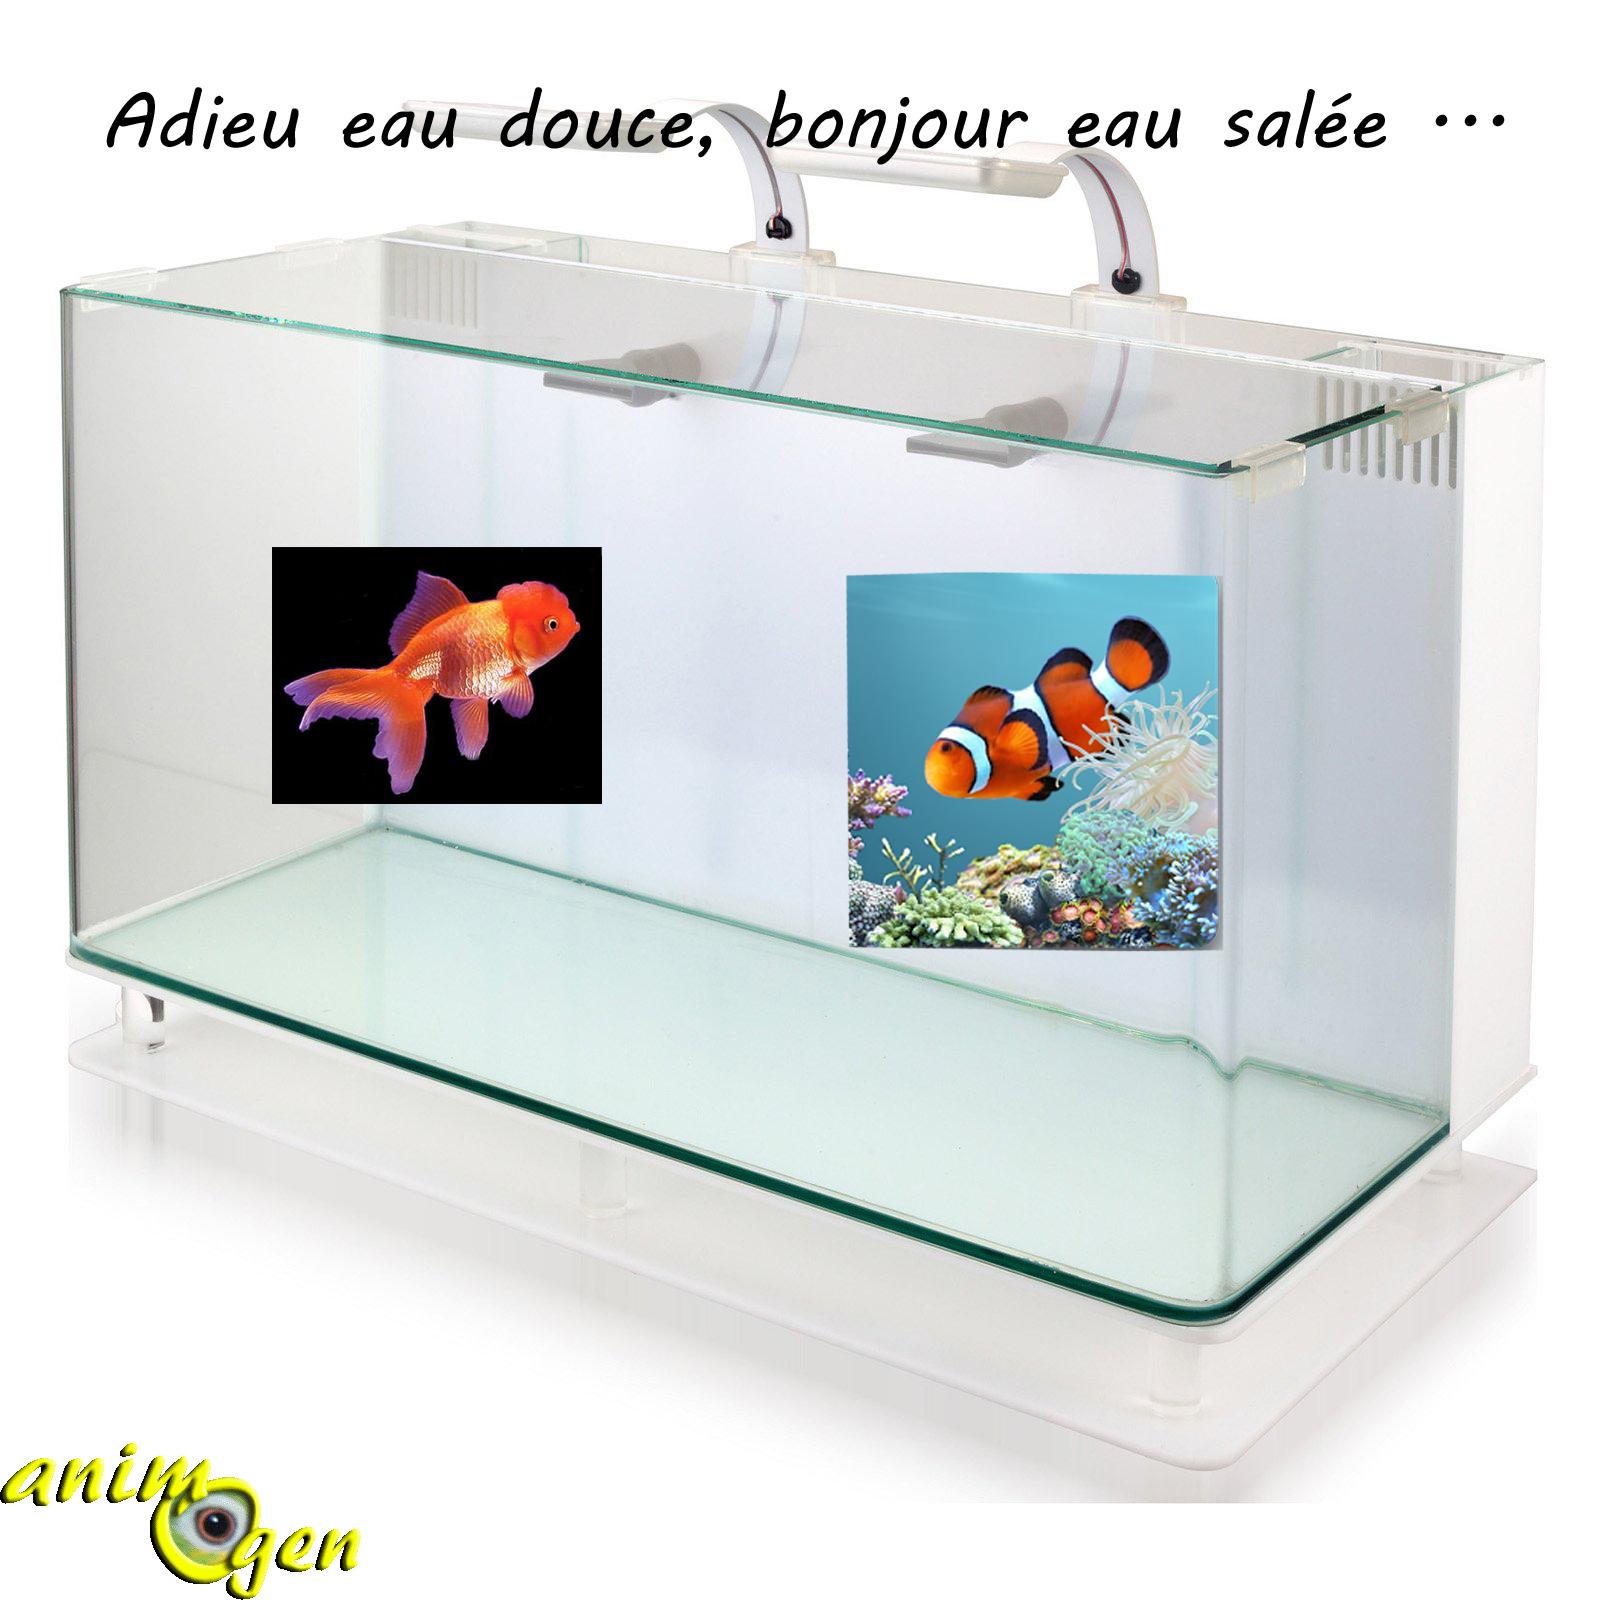 Aquariophilie convertir un aquarium d eau douce en bac for Aquarium bac